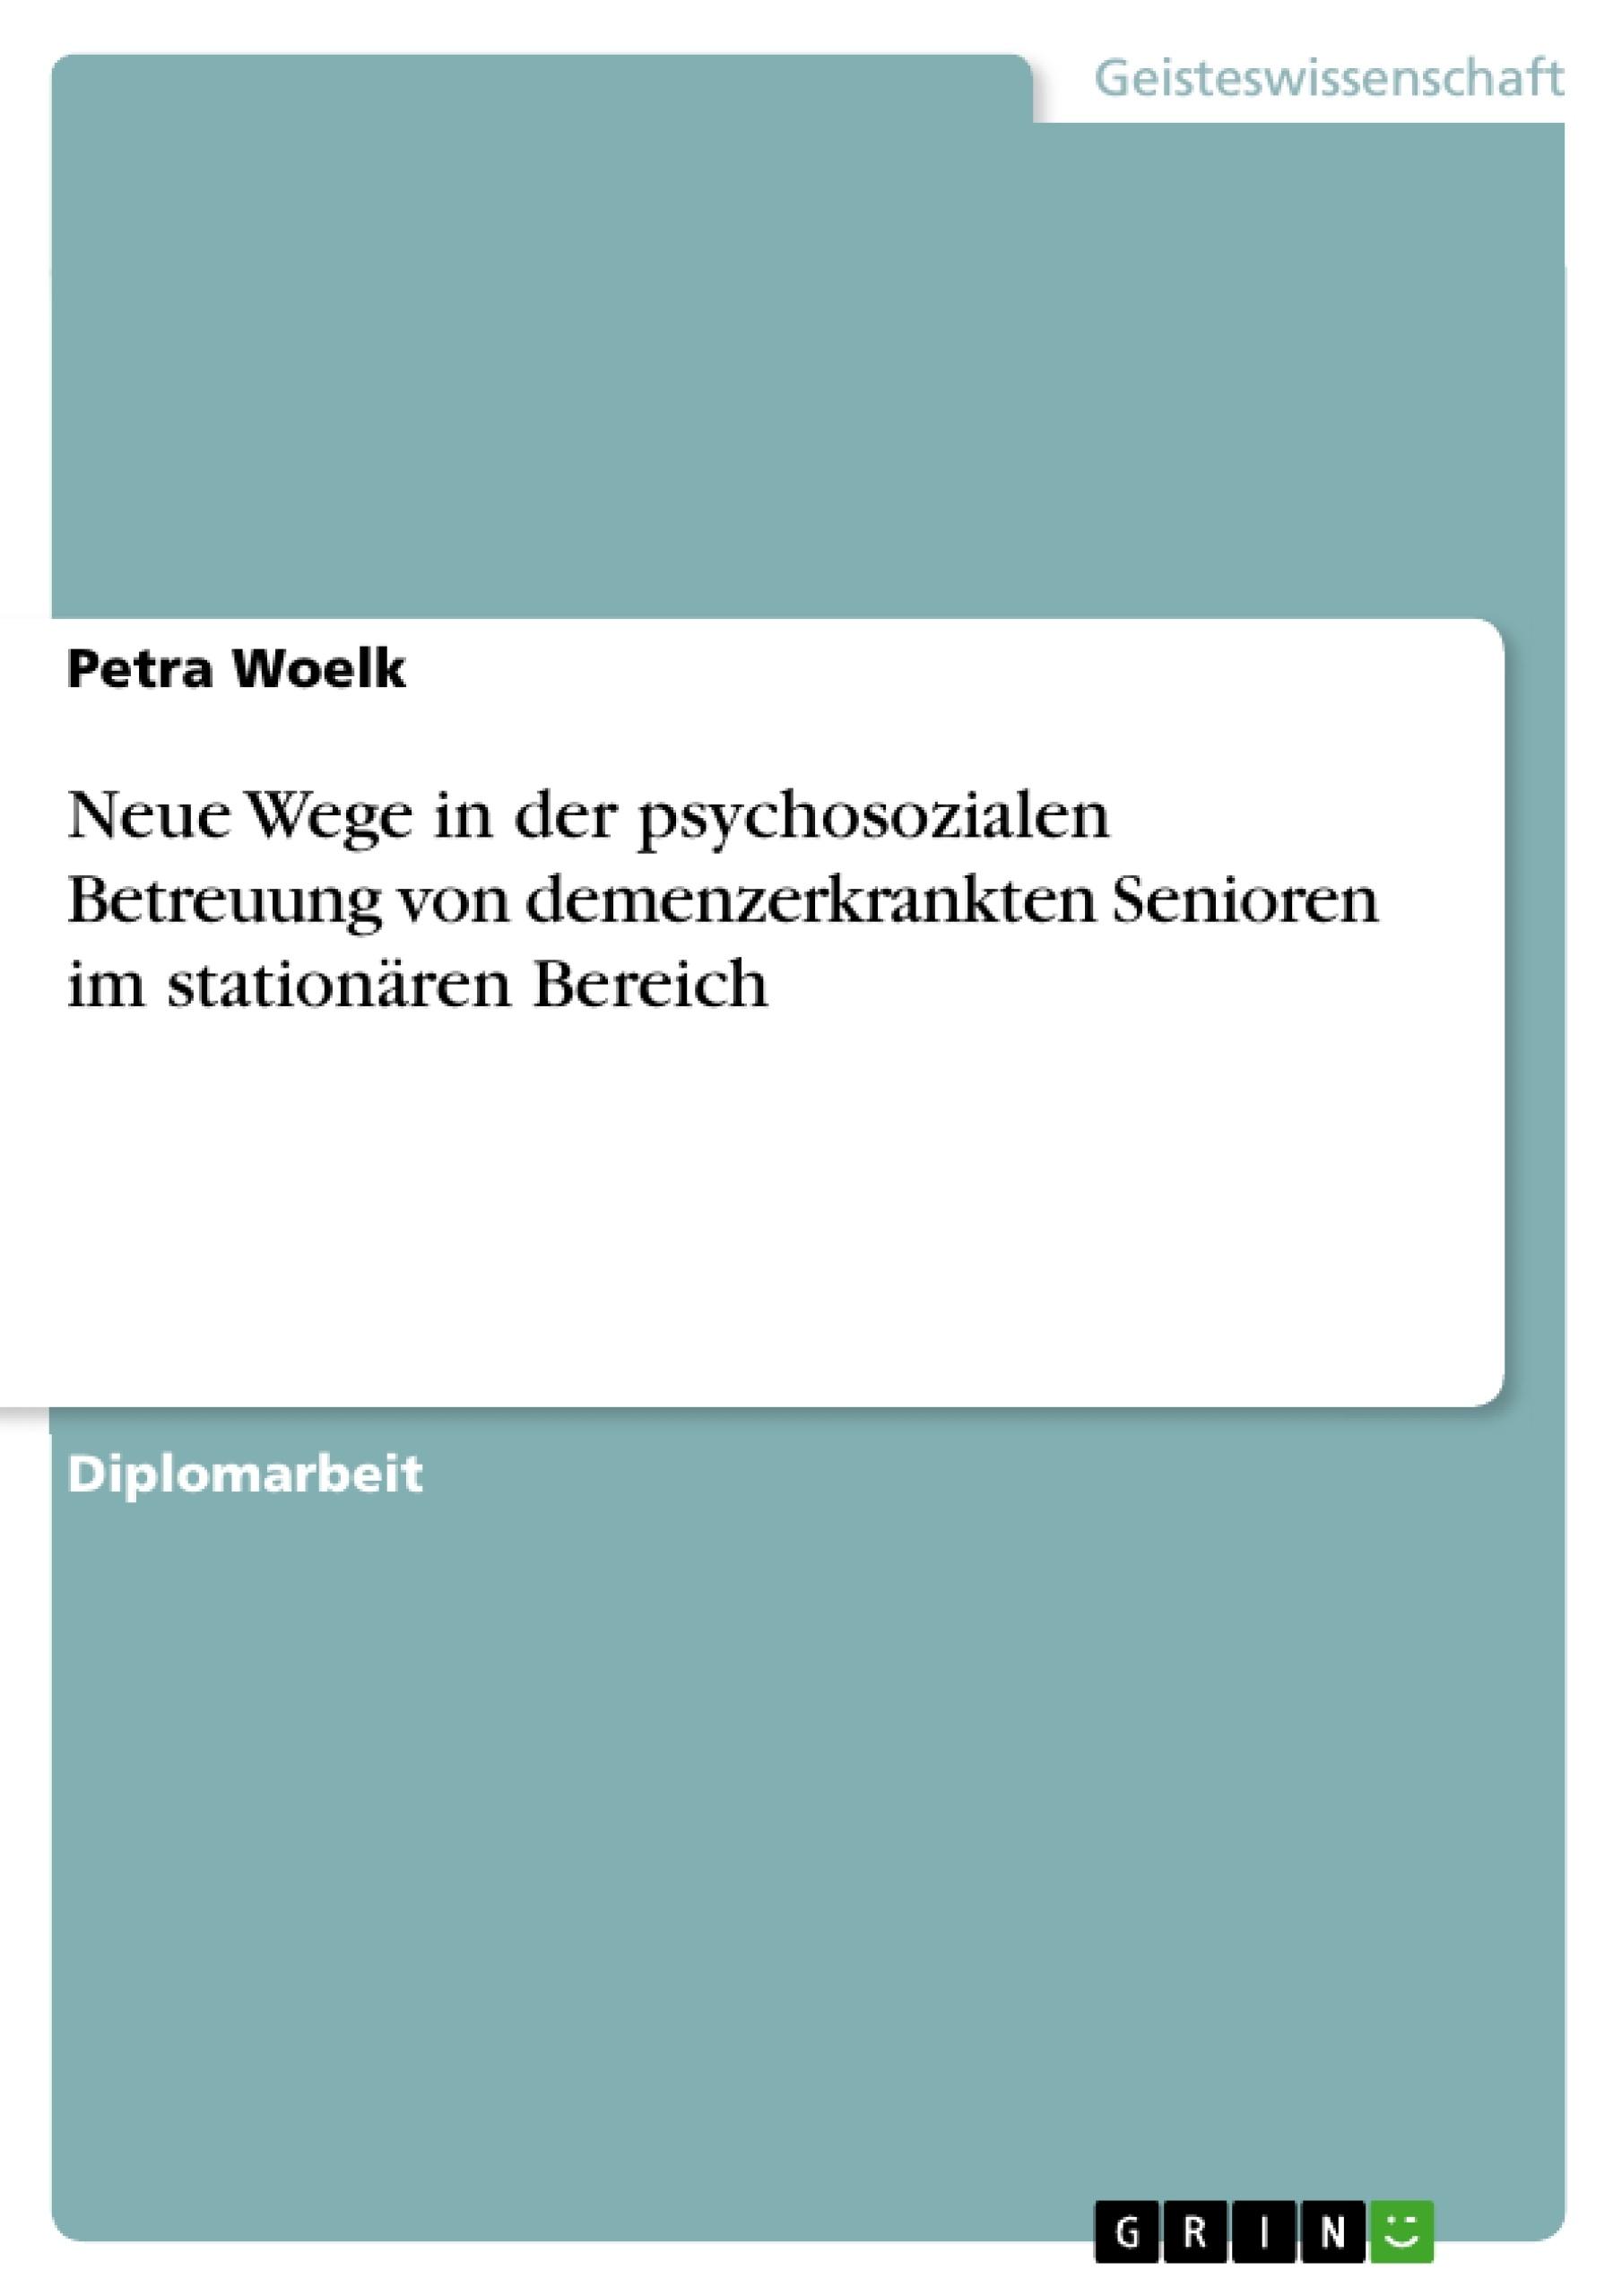 Titel: Neue Wege in der psychosozialen Betreuung von demenzerkrankten Senioren im stationären Bereich